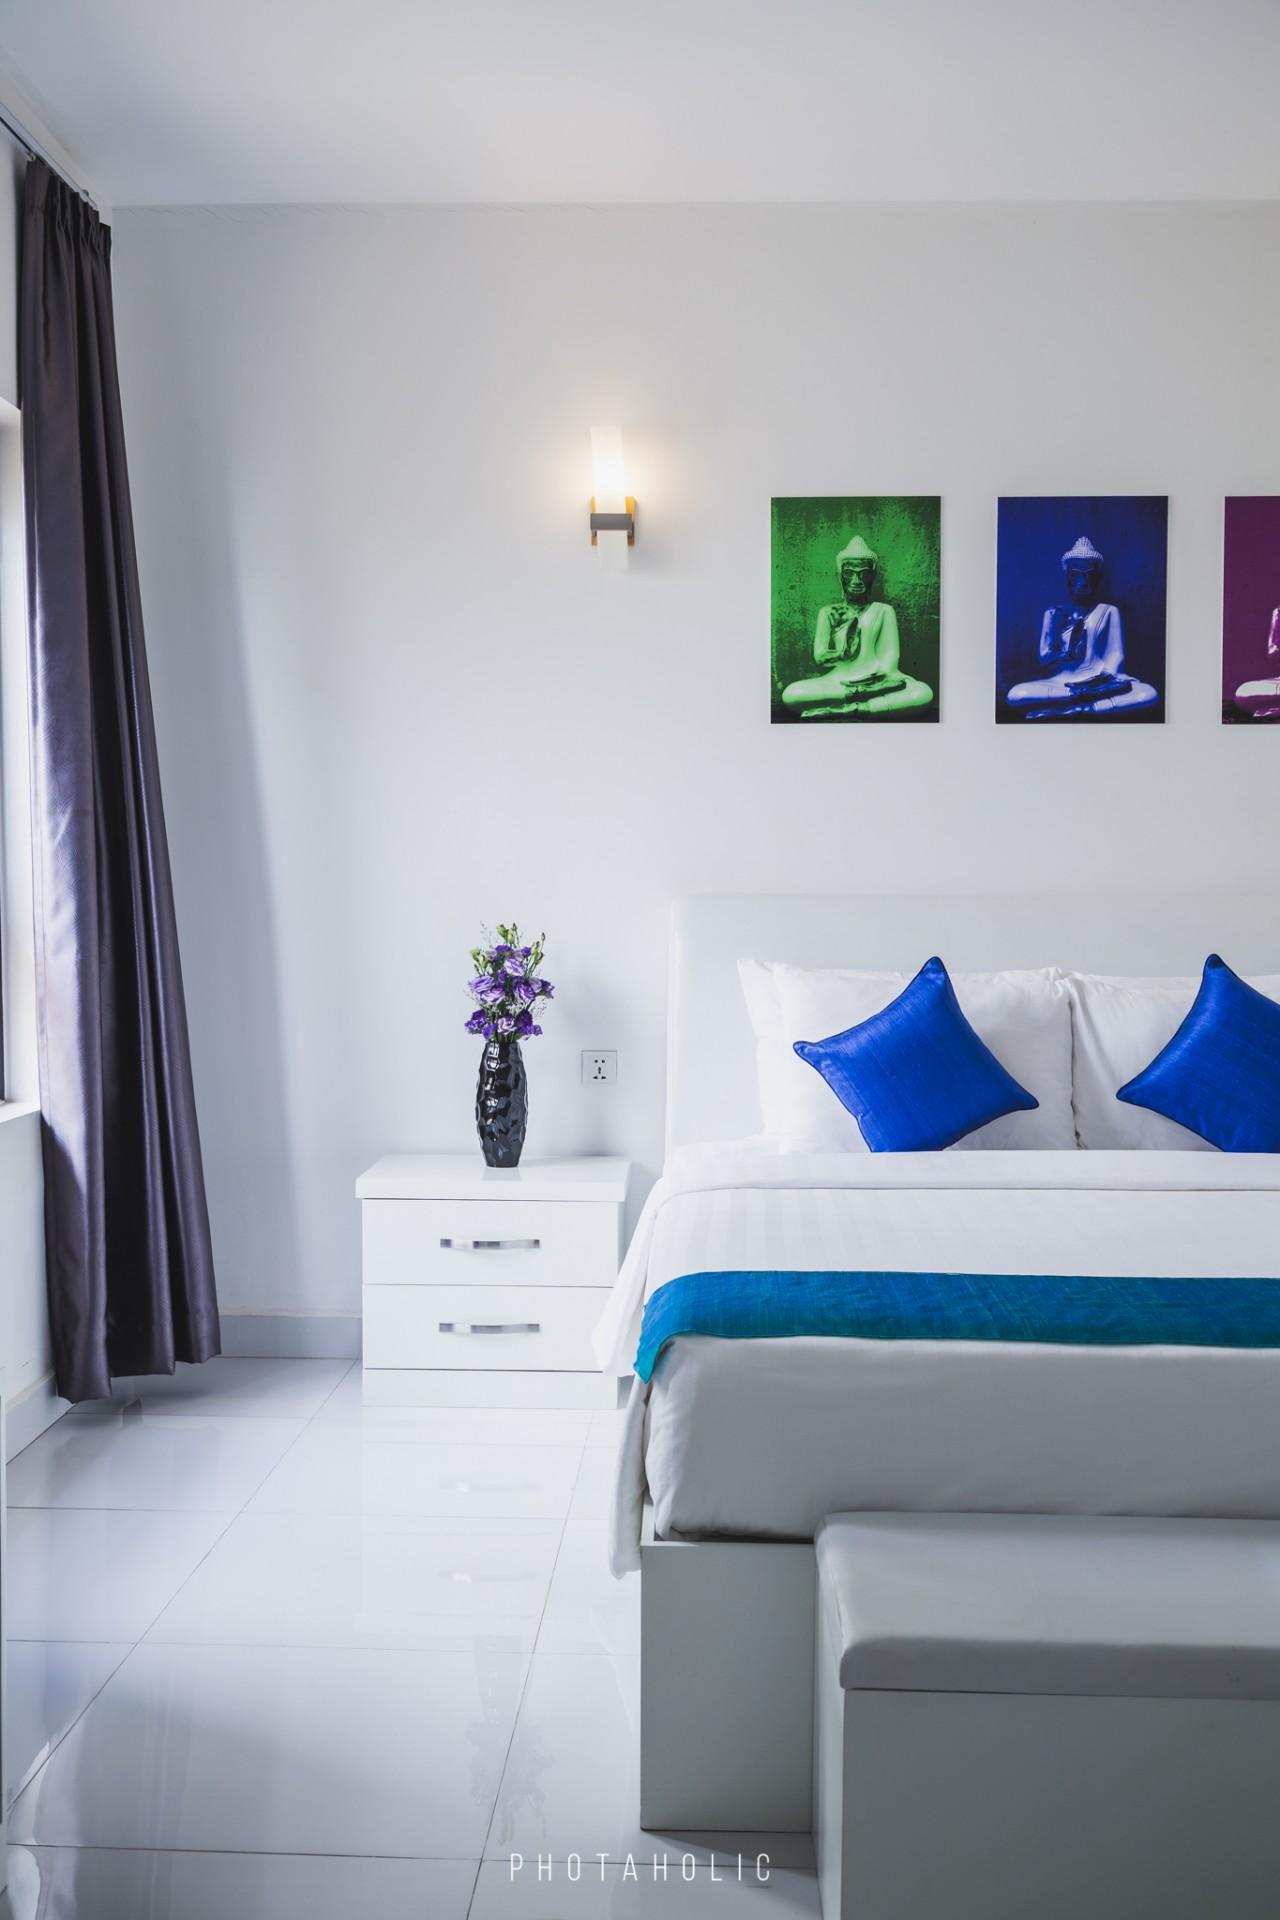 Cómo darle el toque de color a tu dormitorio